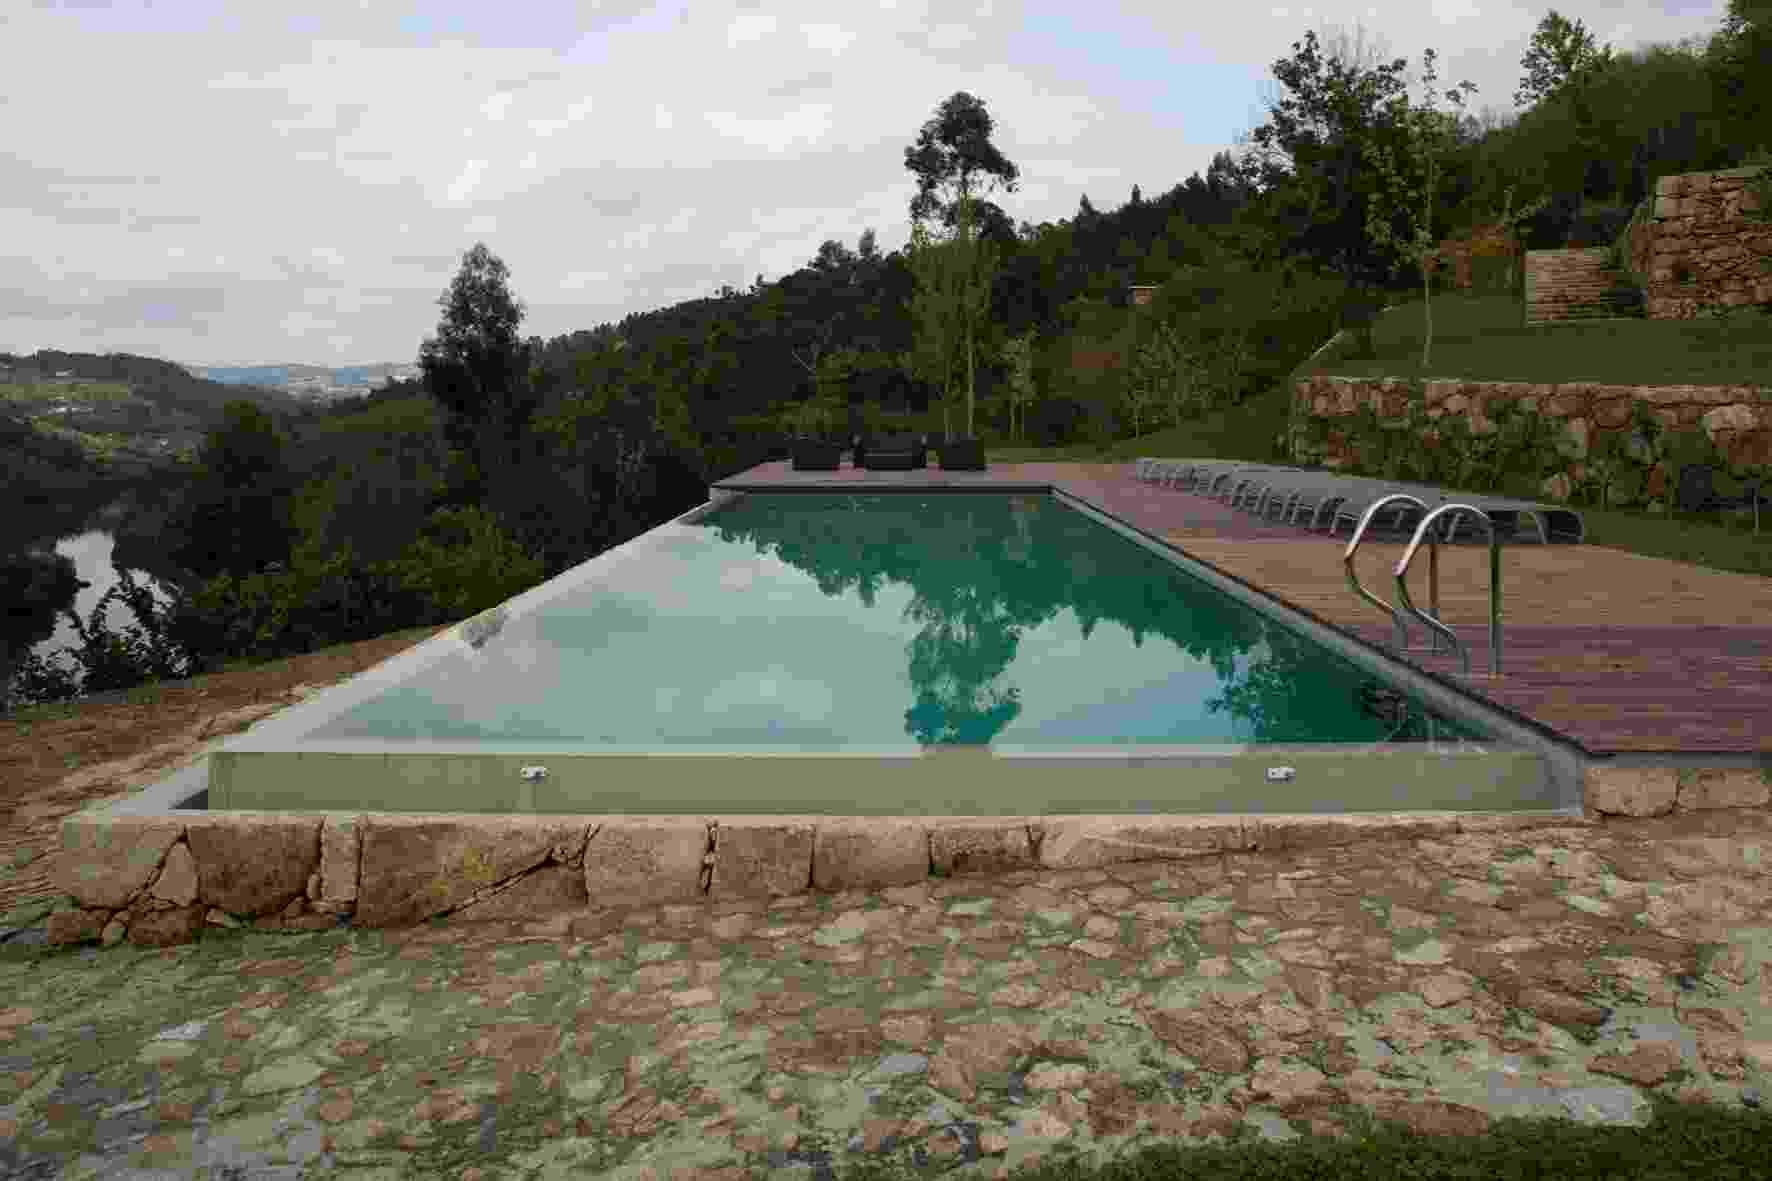 Tirando proveito do relevo acidentado, a piscina de borda infinita e o deck foram projetados de forma a permitir a seus usuários uma vista panorâmica para o rio Tâmega e os verdes campos. A RF House foi projetada por Nuno Graça Moura em Marco de Canaveses, no norte de Portugal - Leonardo Finotti/ UOL